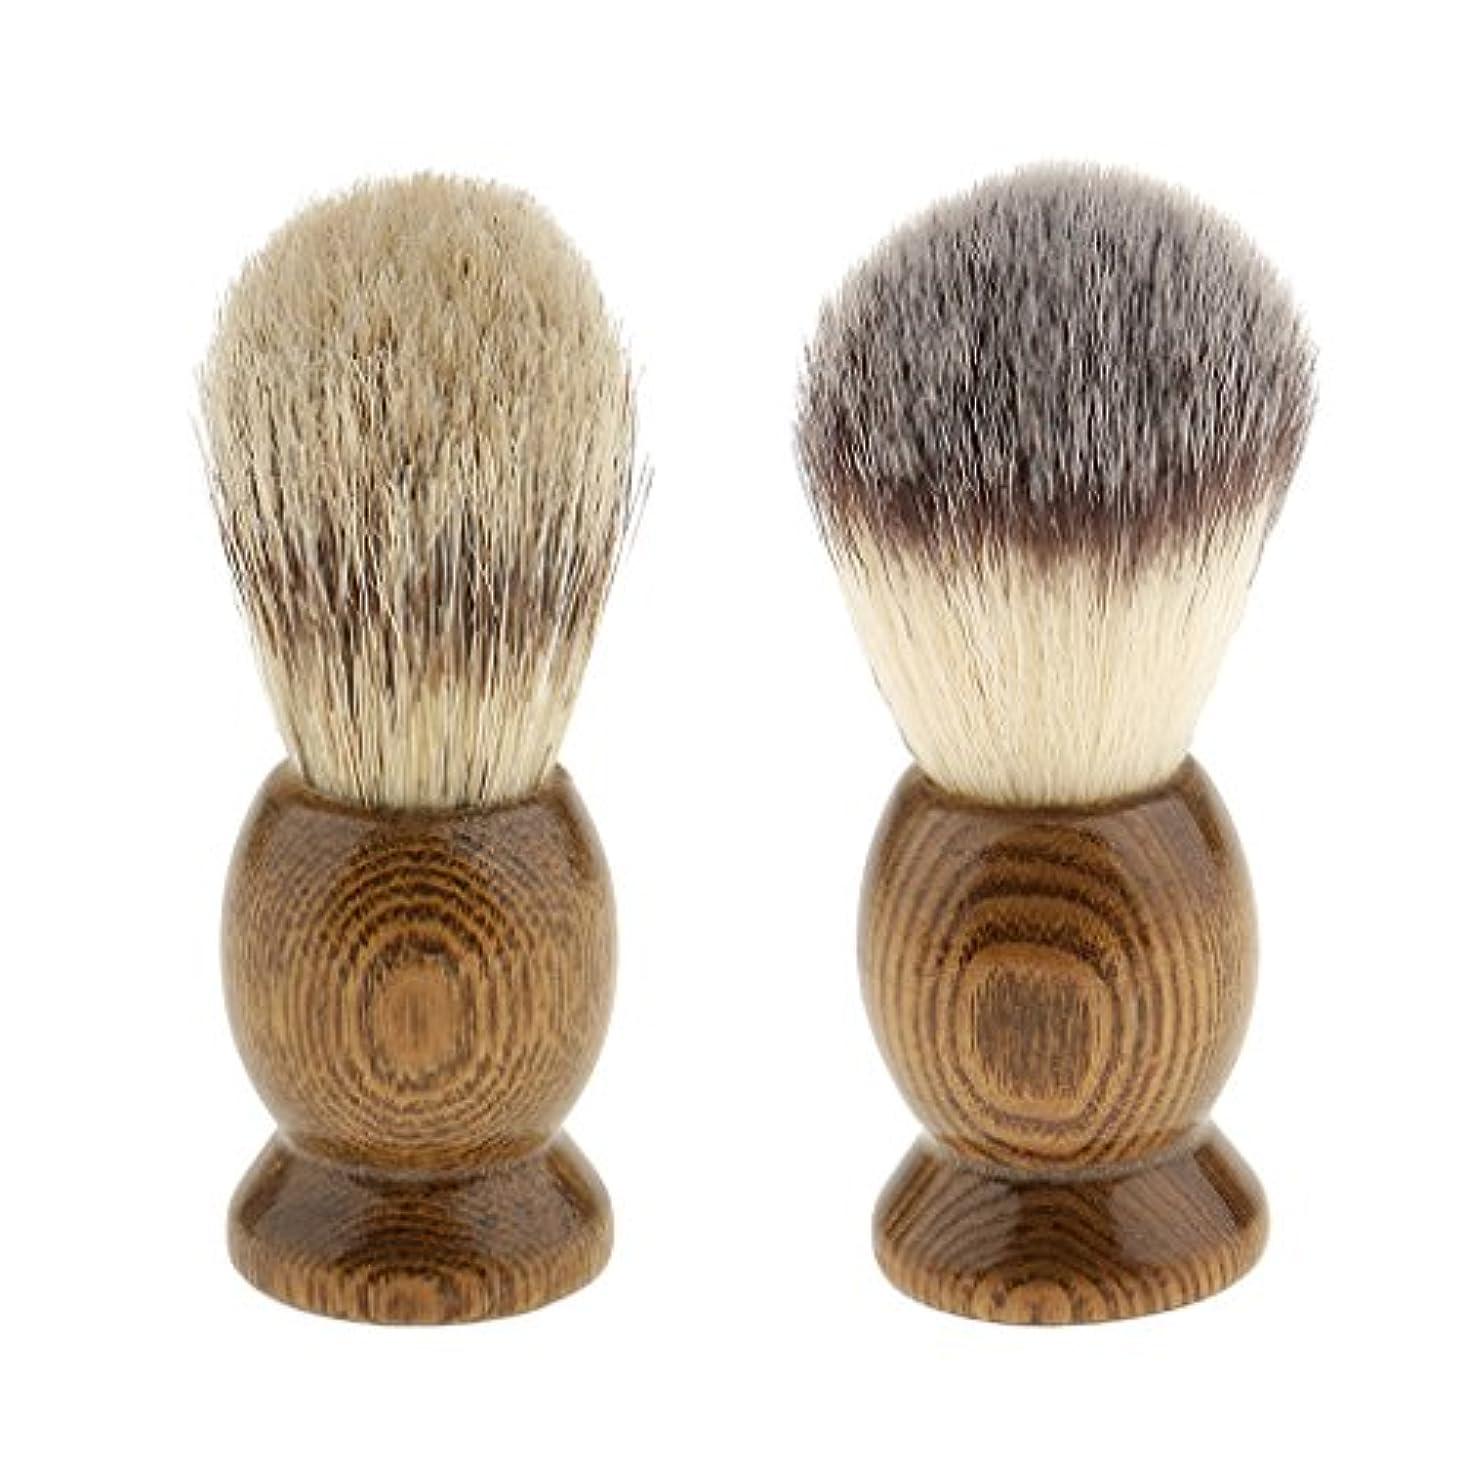 集団暗黙サーフィン2個 シェイビングブラシ ひげ剃りブラシ ロングハンドル サロン 家庭用 メンズ